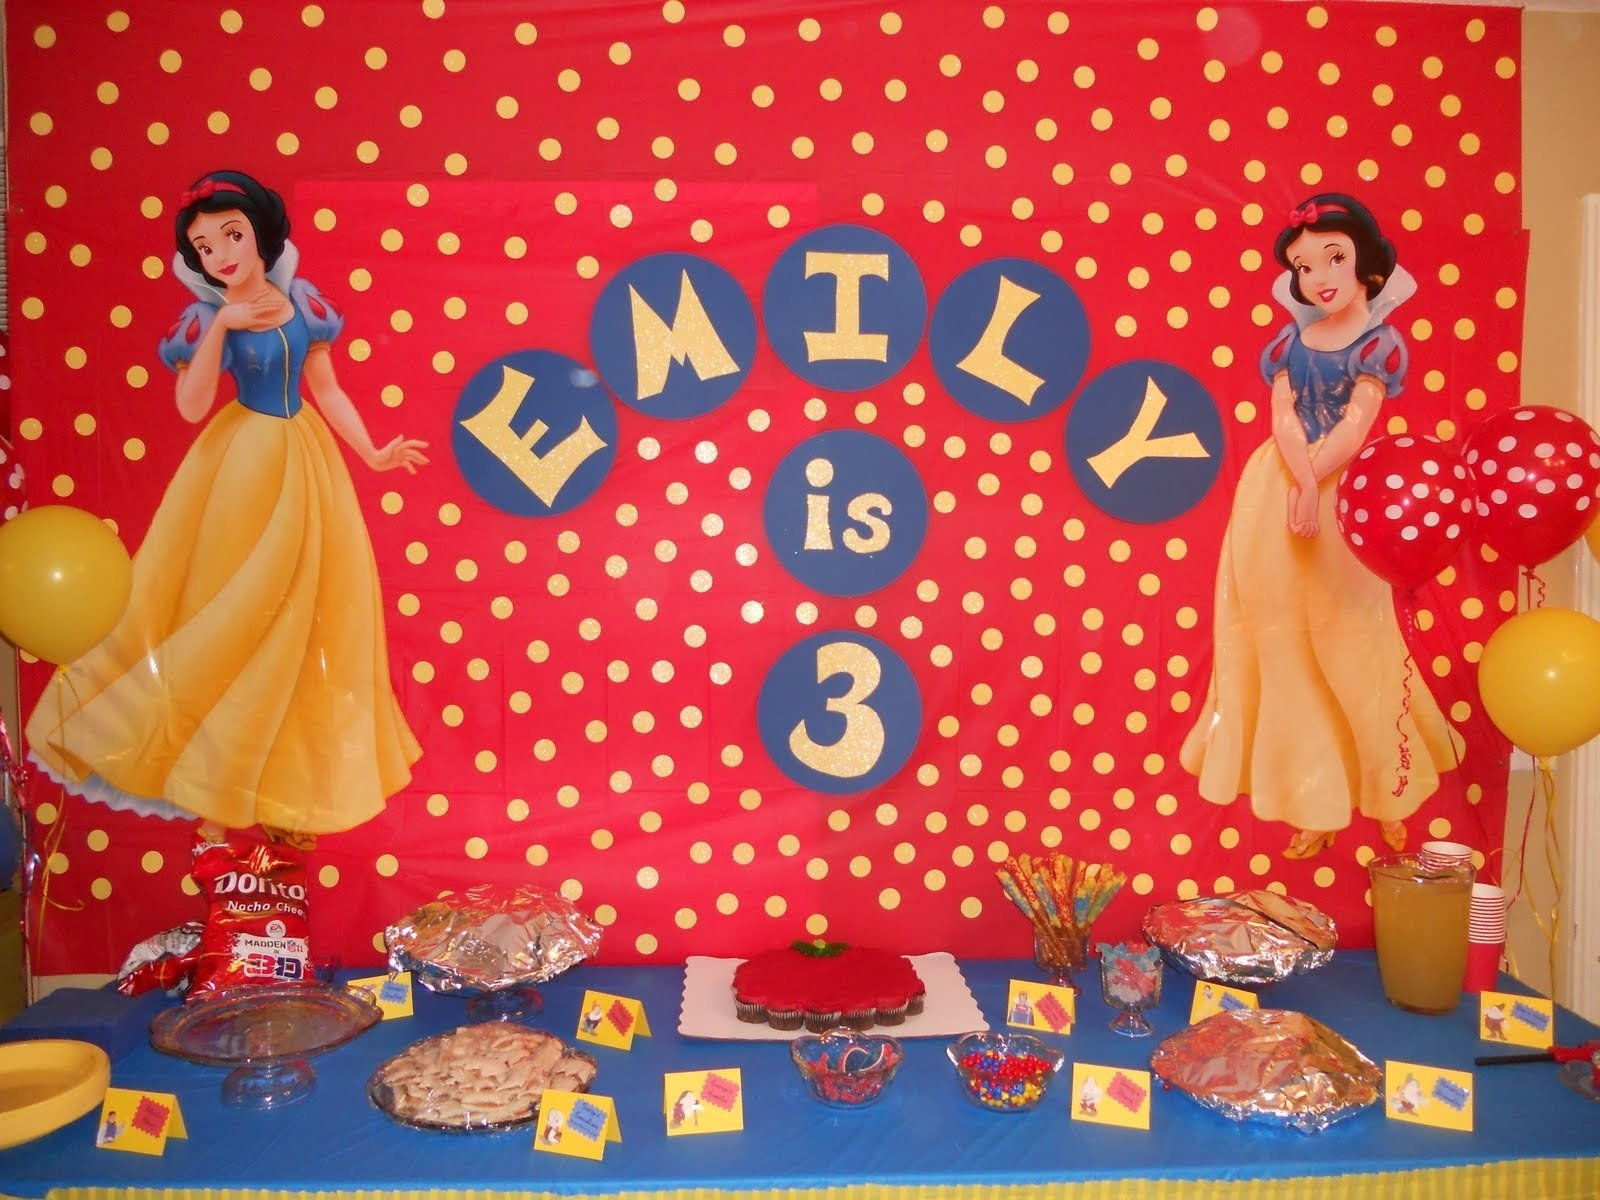 10 Fashionable Snow White Birthday Party Ideas birthday parties for girls snow white and the seven dwarfs birthday